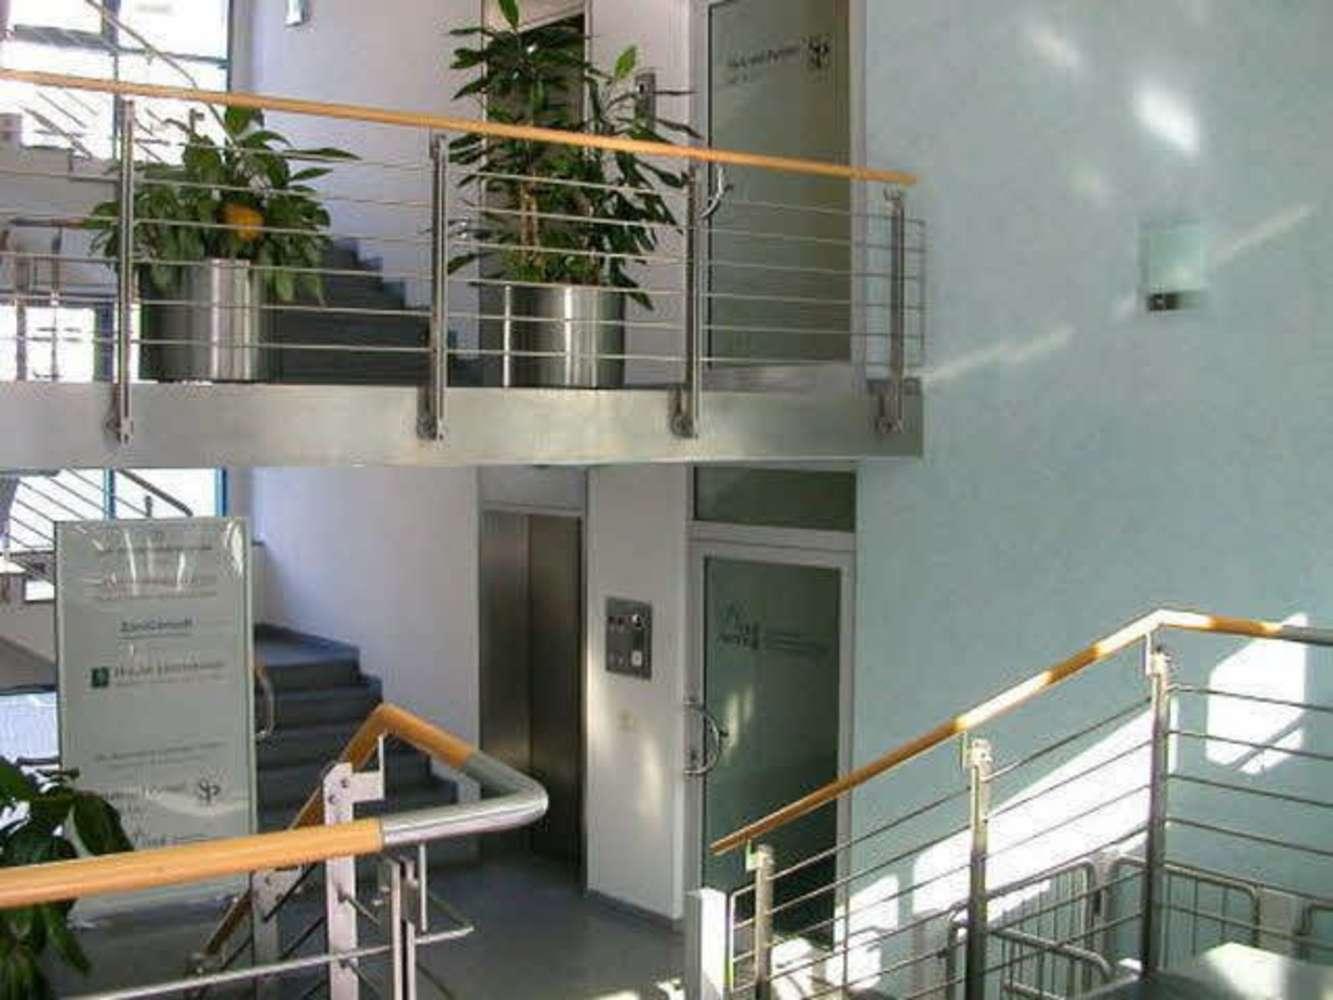 Büros Frankfurt am main, 60322 - Büro - Frankfurt am Main, Innenstadt - F0758 - 9410605